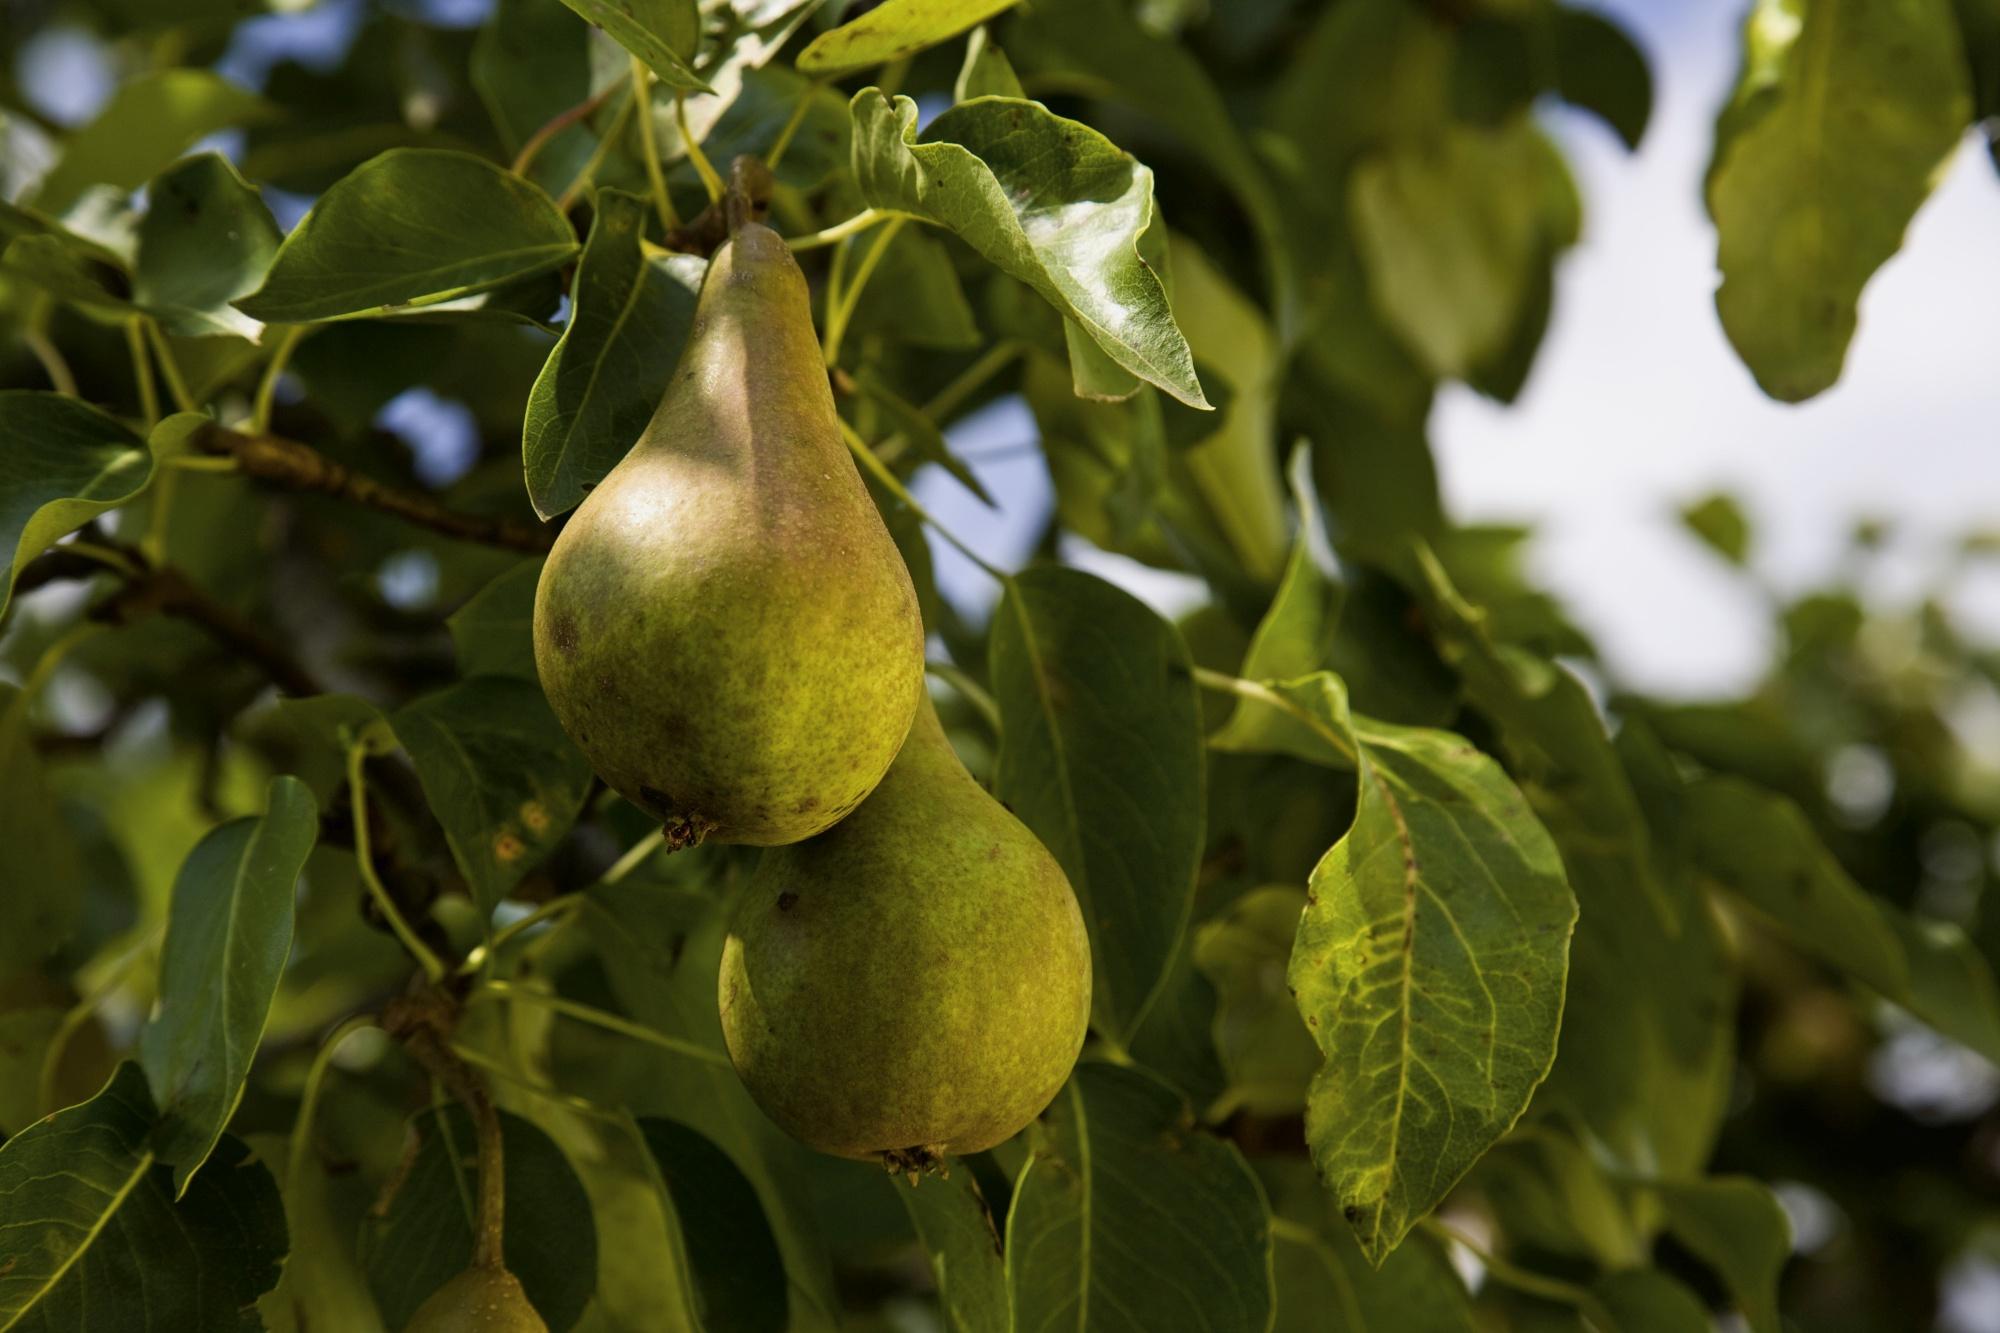 Bild von reifen Biobirnen am Birnbaum